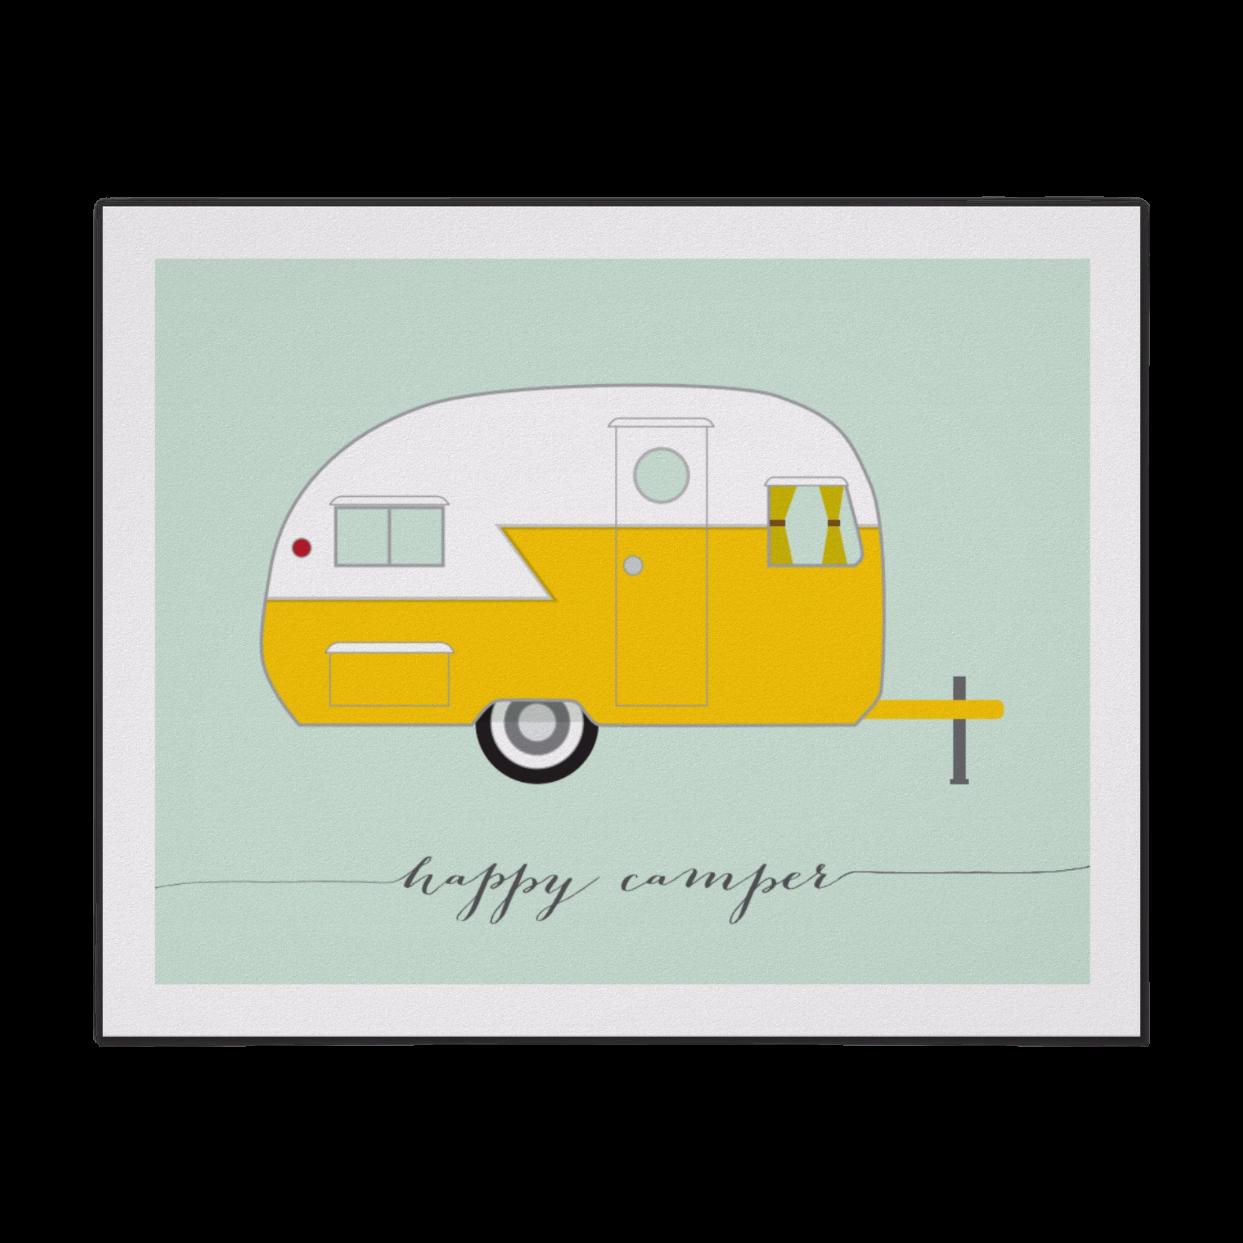 Happy Camper art print